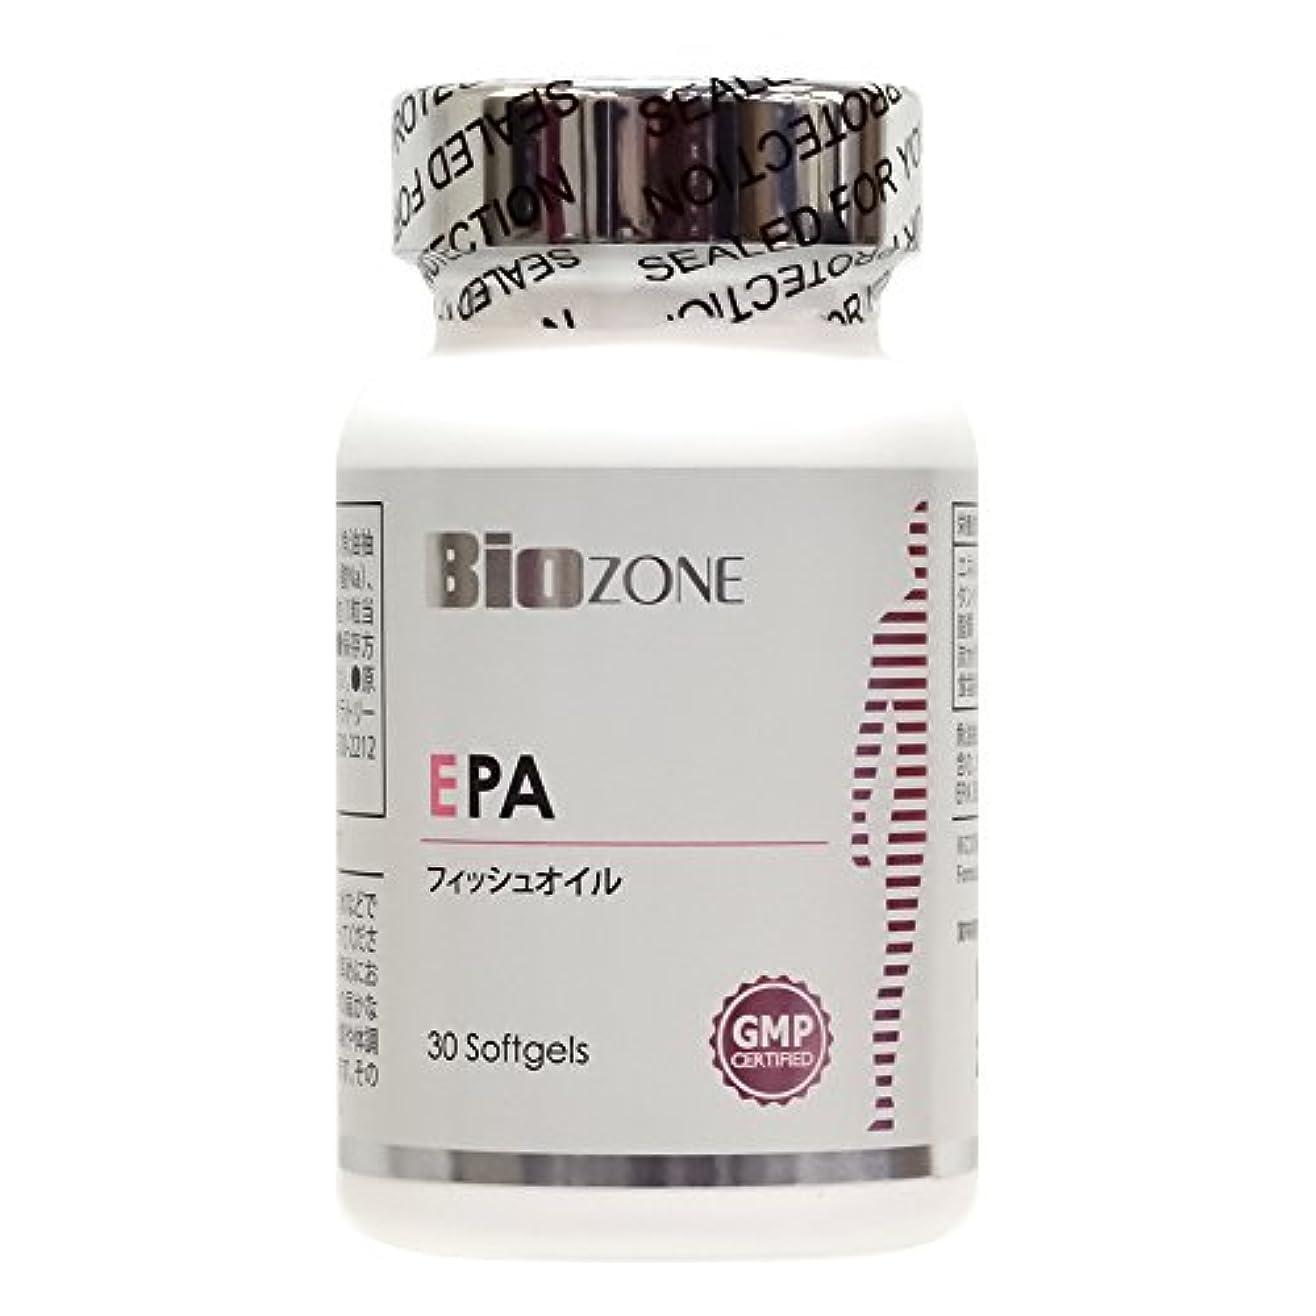 支配的以前は頂点ダグラスラボラトリーズ バイオゾーン(BioZONE) サプリメント EPA 30粒 30日分